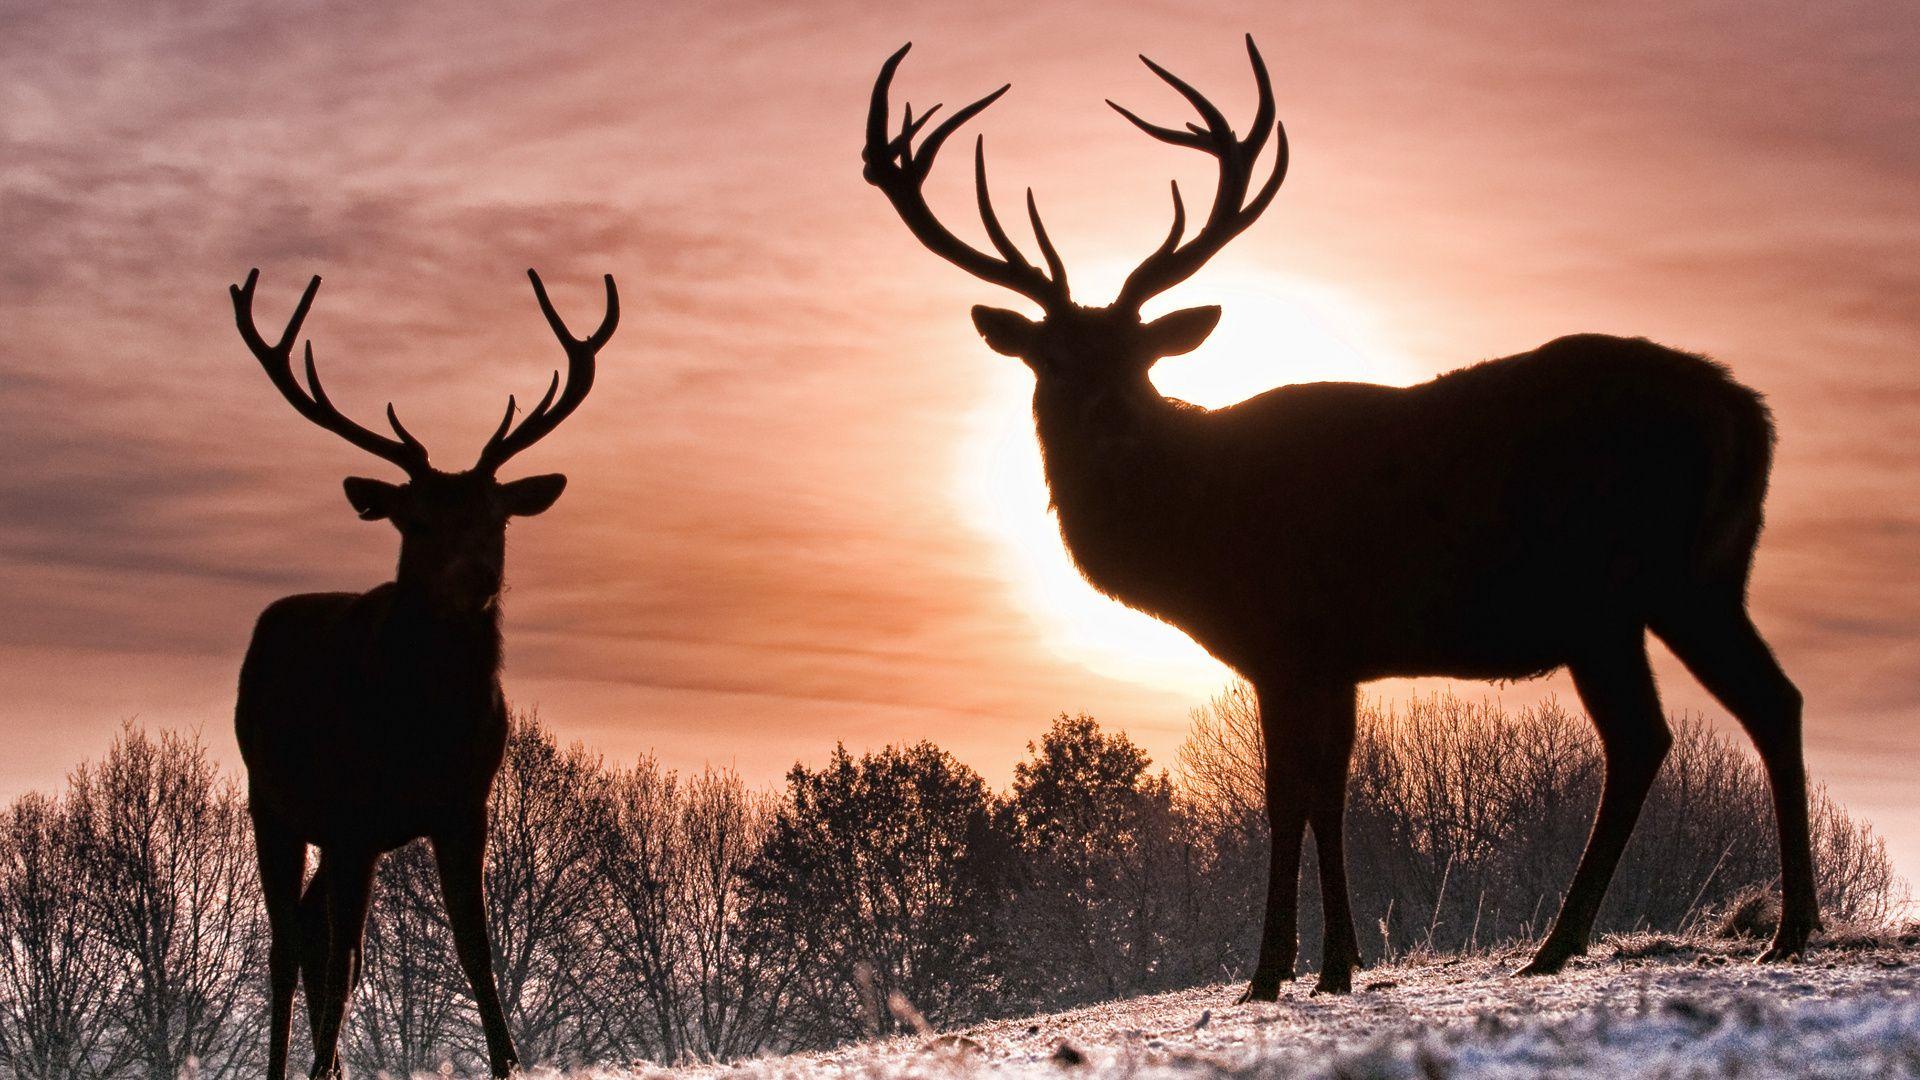 Deer wallpaper image